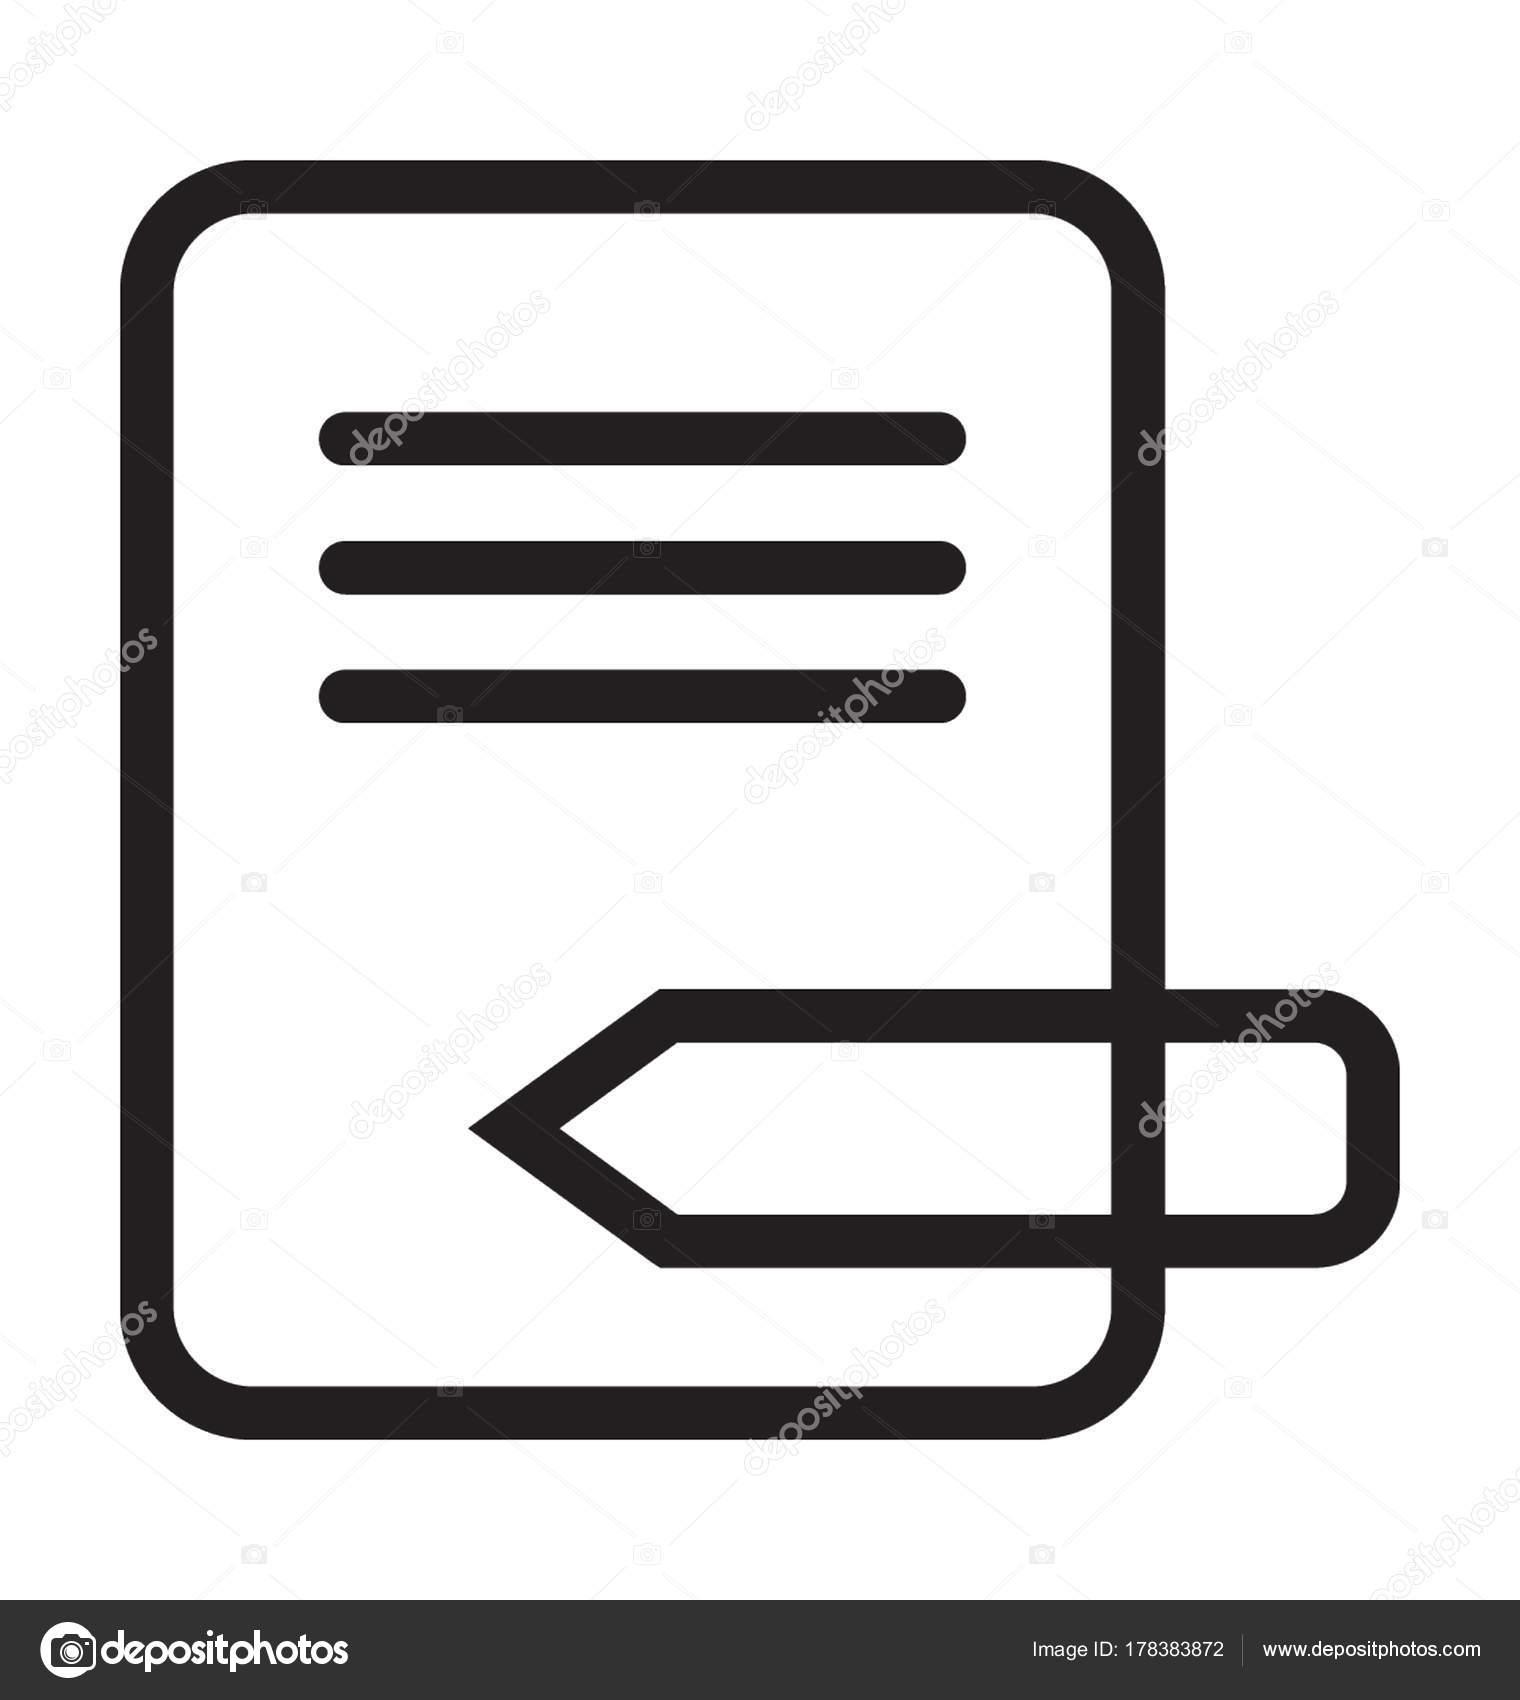 Icono Vector Línea Escritura — Archivo Imágenes Vectoriales ...